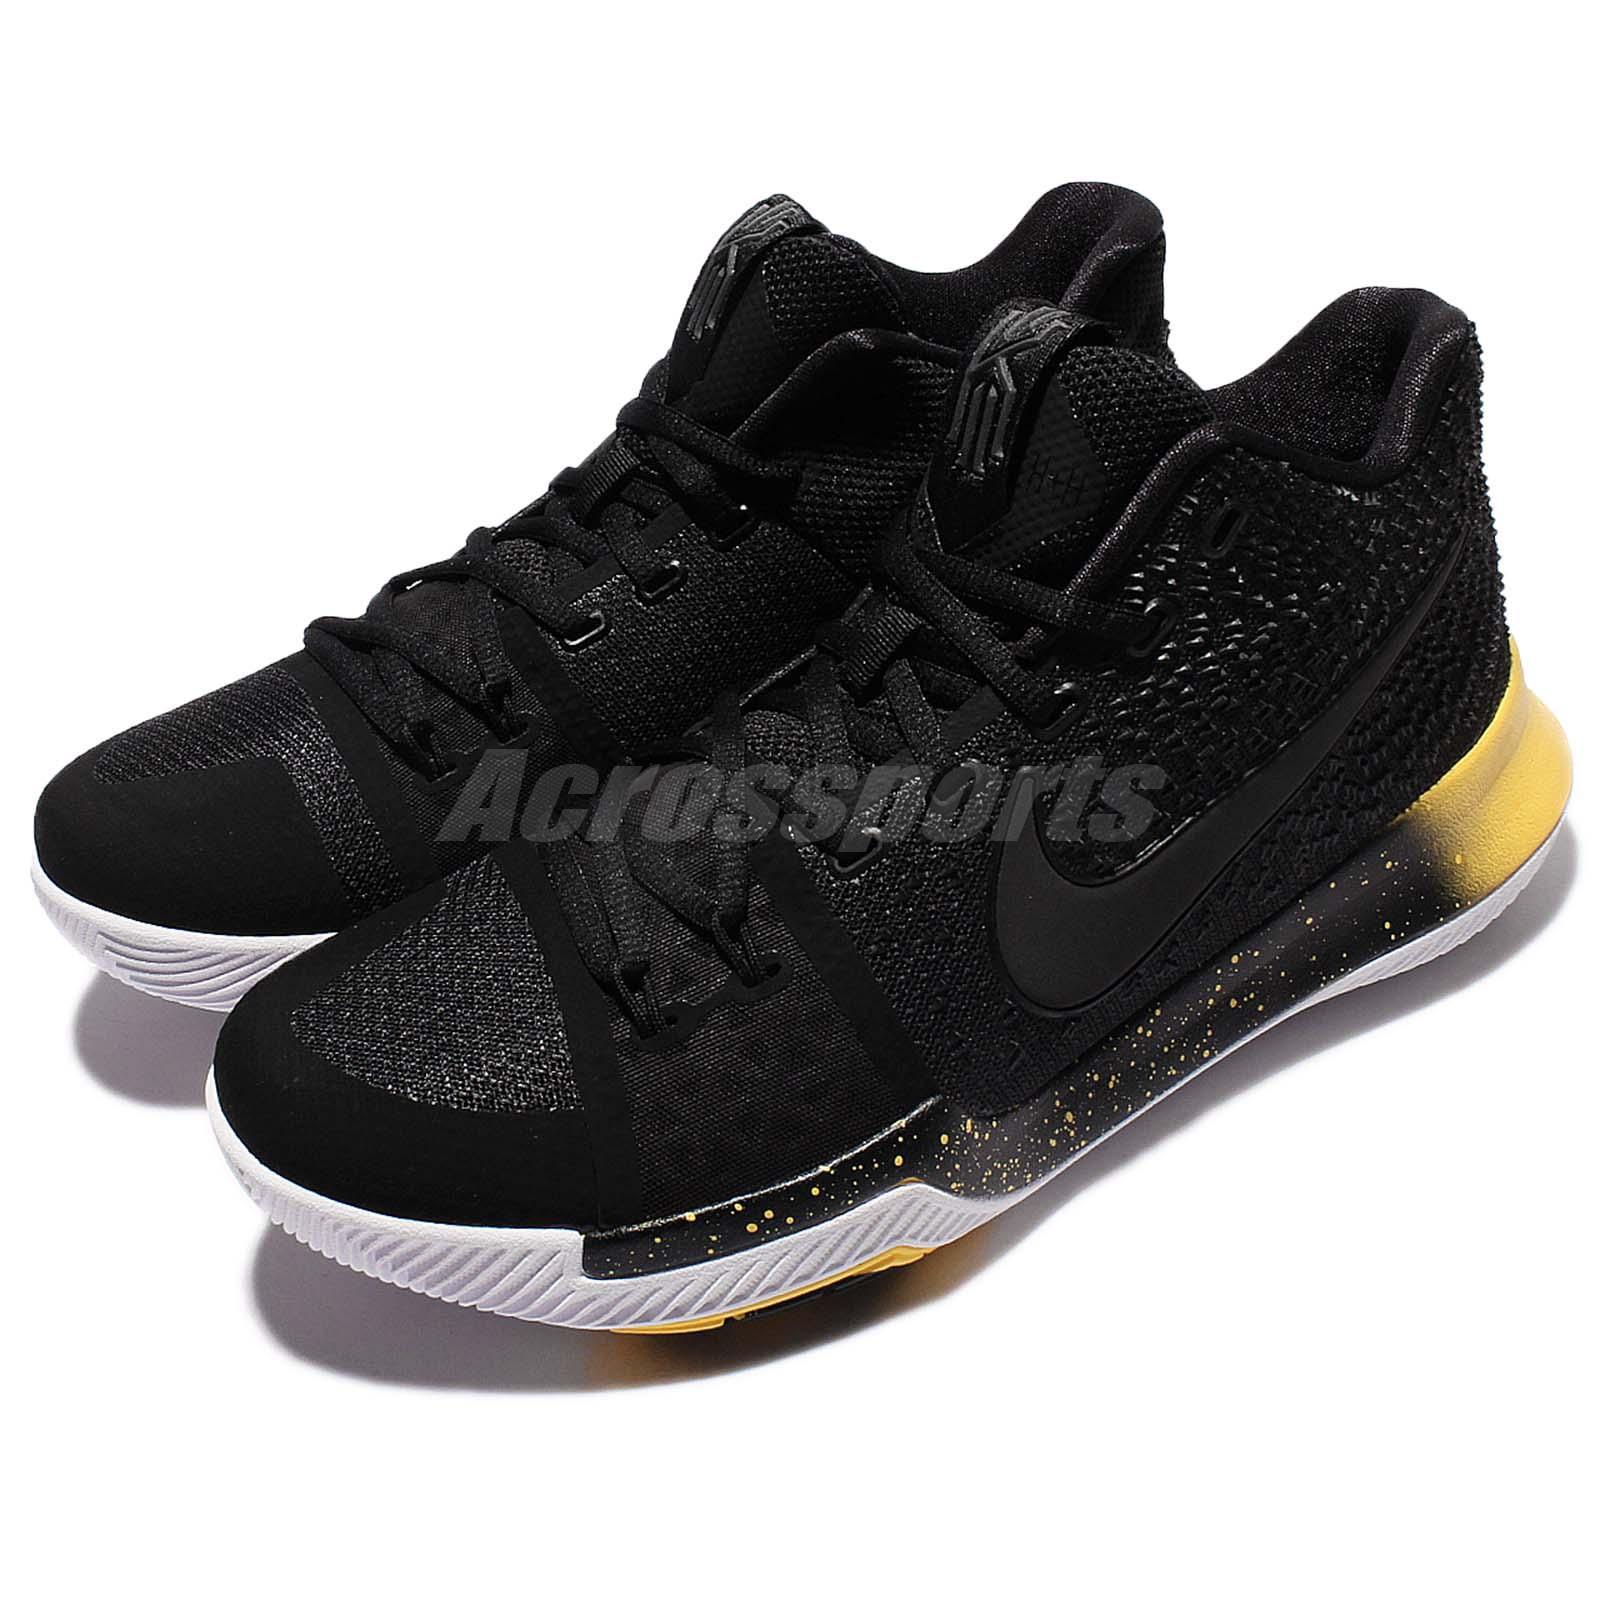 45fb03de65f4 Detalles acerca de Nike Kyrie 3 EP III Kyrie Irving La Chaqueta Negro  Amarillo Hombres Zapatos 852396-901- mostrar título original